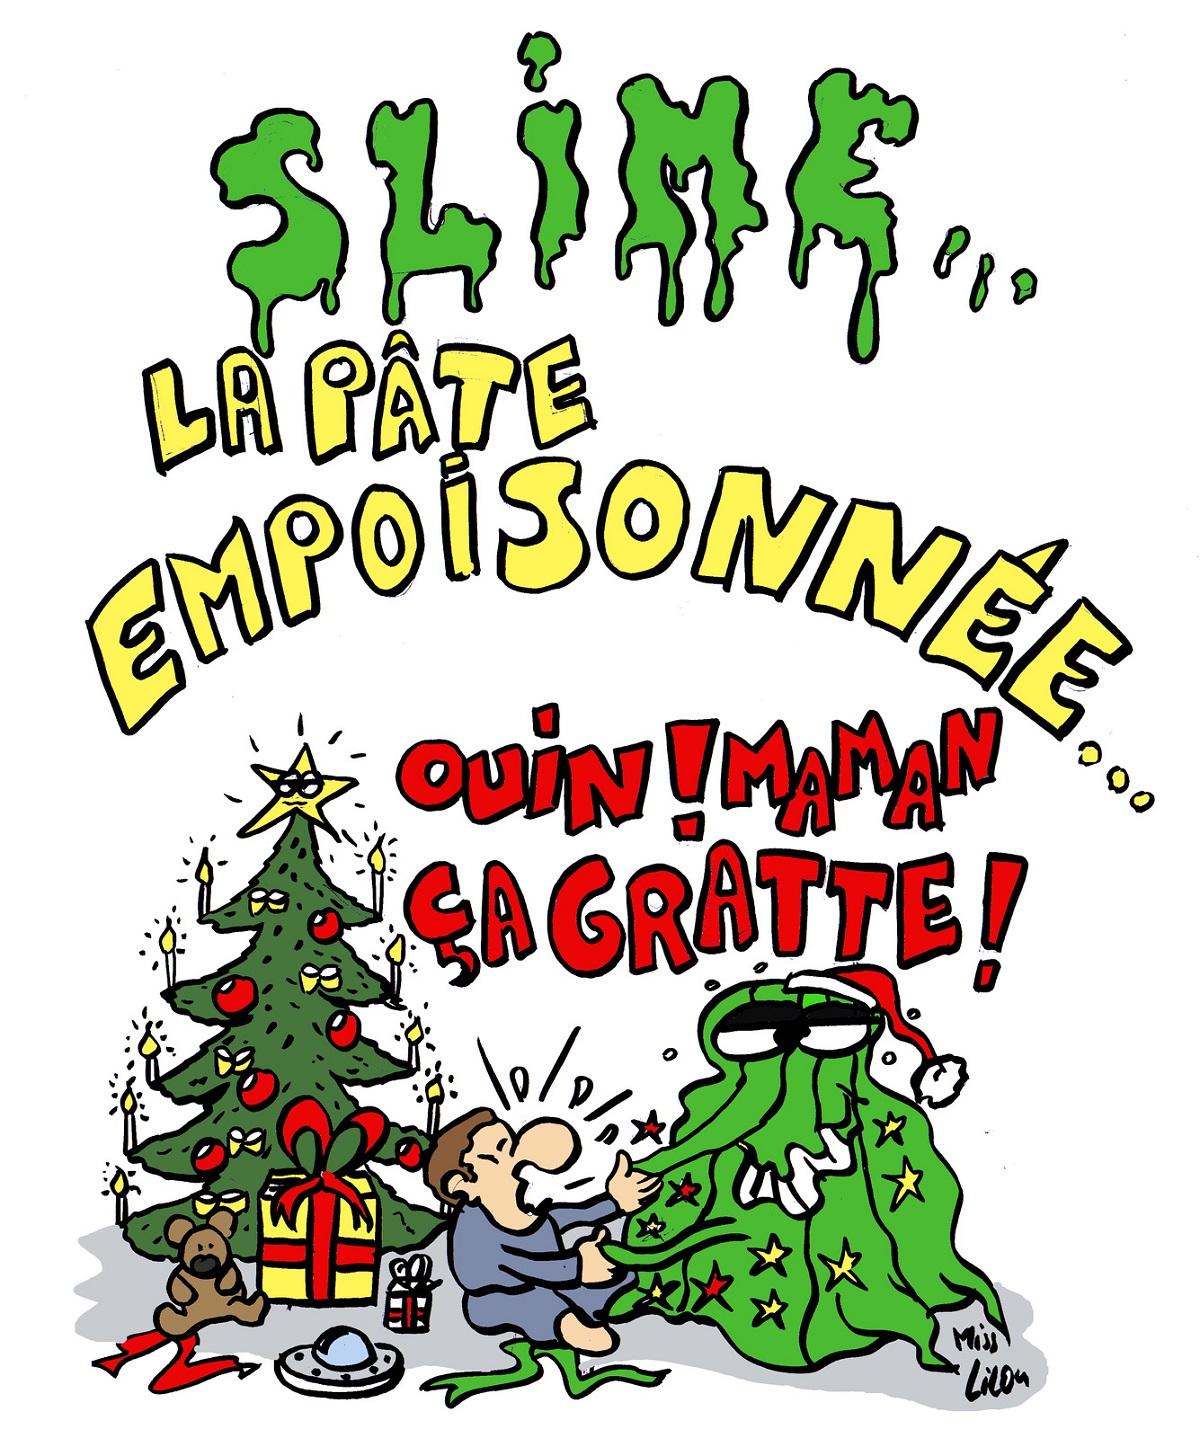 dessin d'actualité humoristique sur les dangers du Slime ou Pâte à prout